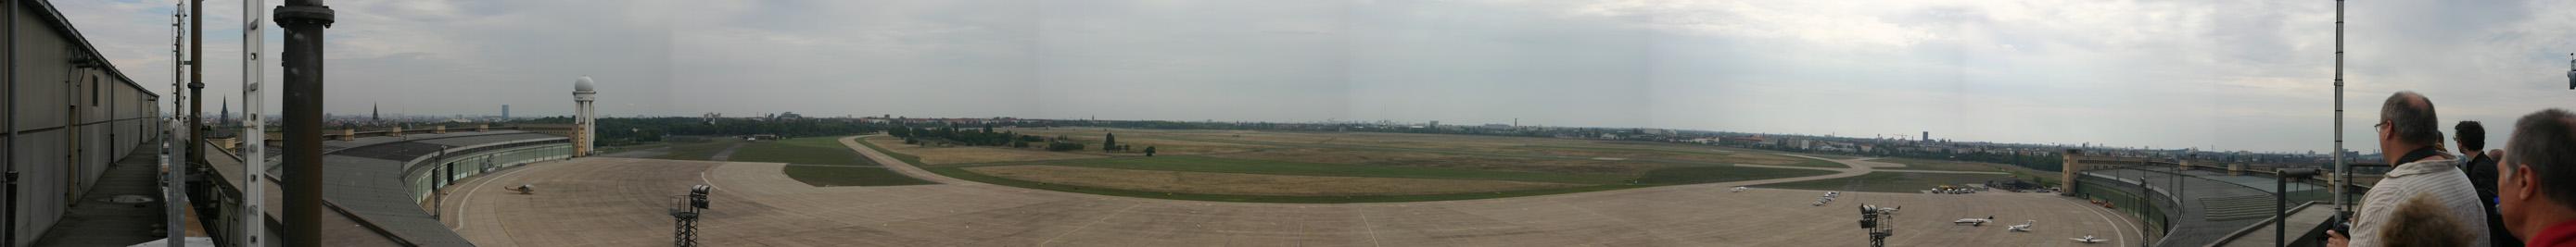 Panoramic view of Tempelhof airfield